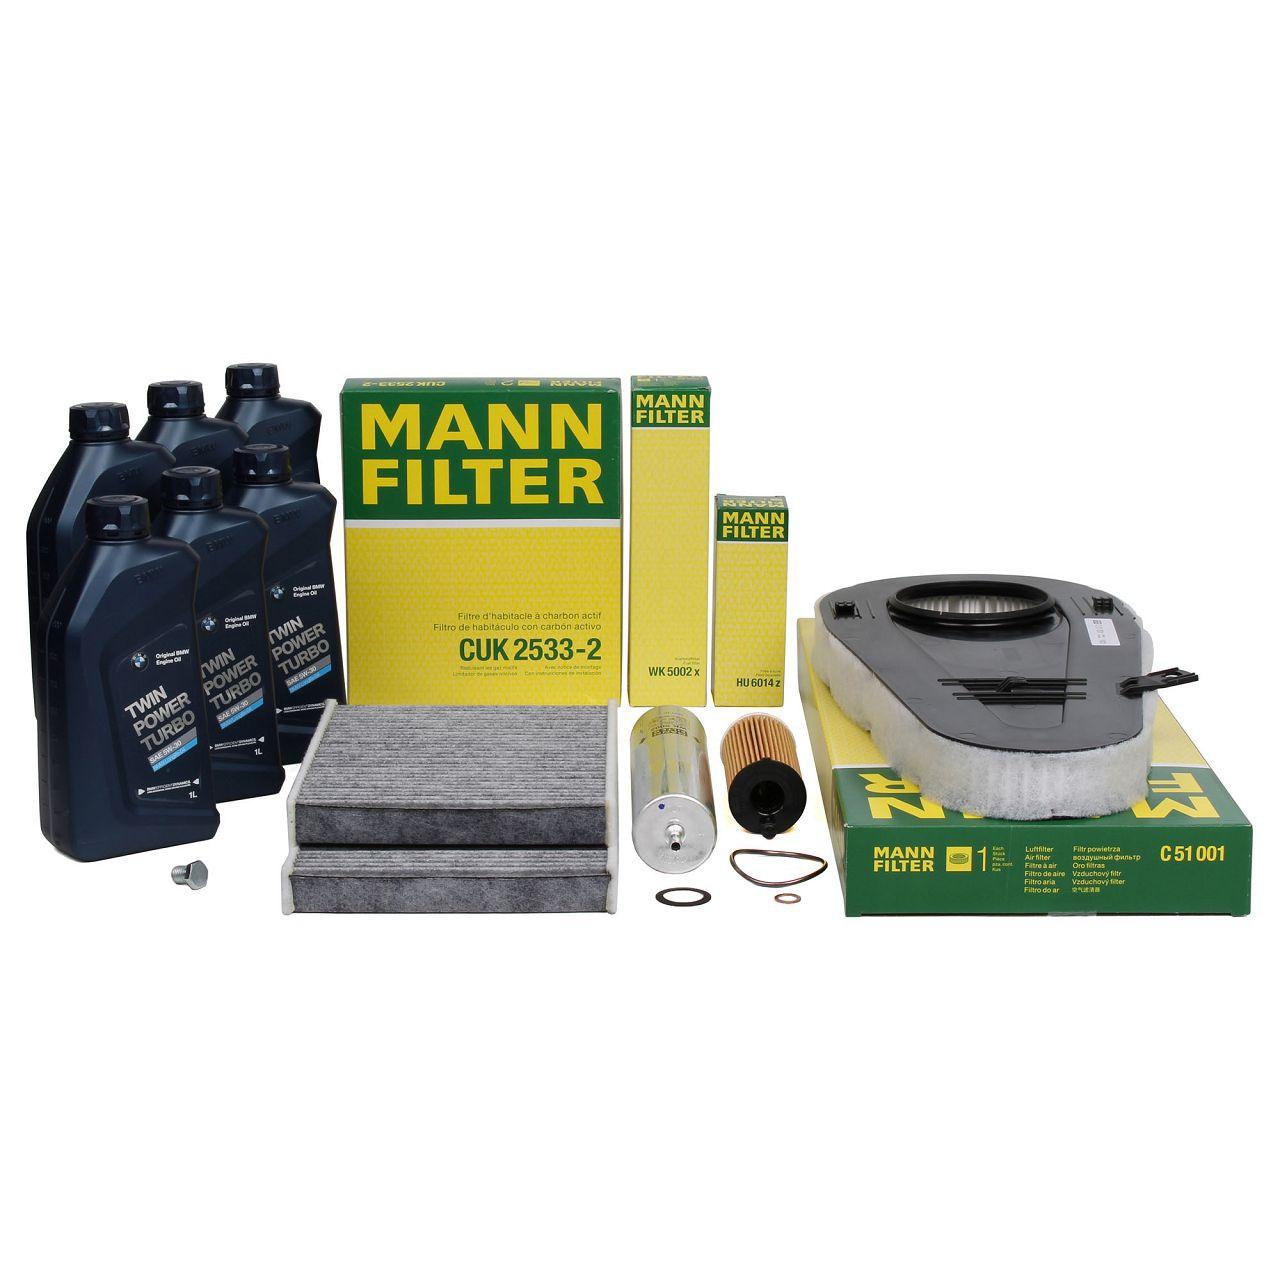 MANN Filterset + 6 L ORIGINAL BMW 5W30 Motoröl für F10 F11 518d 136 PS B47D20A